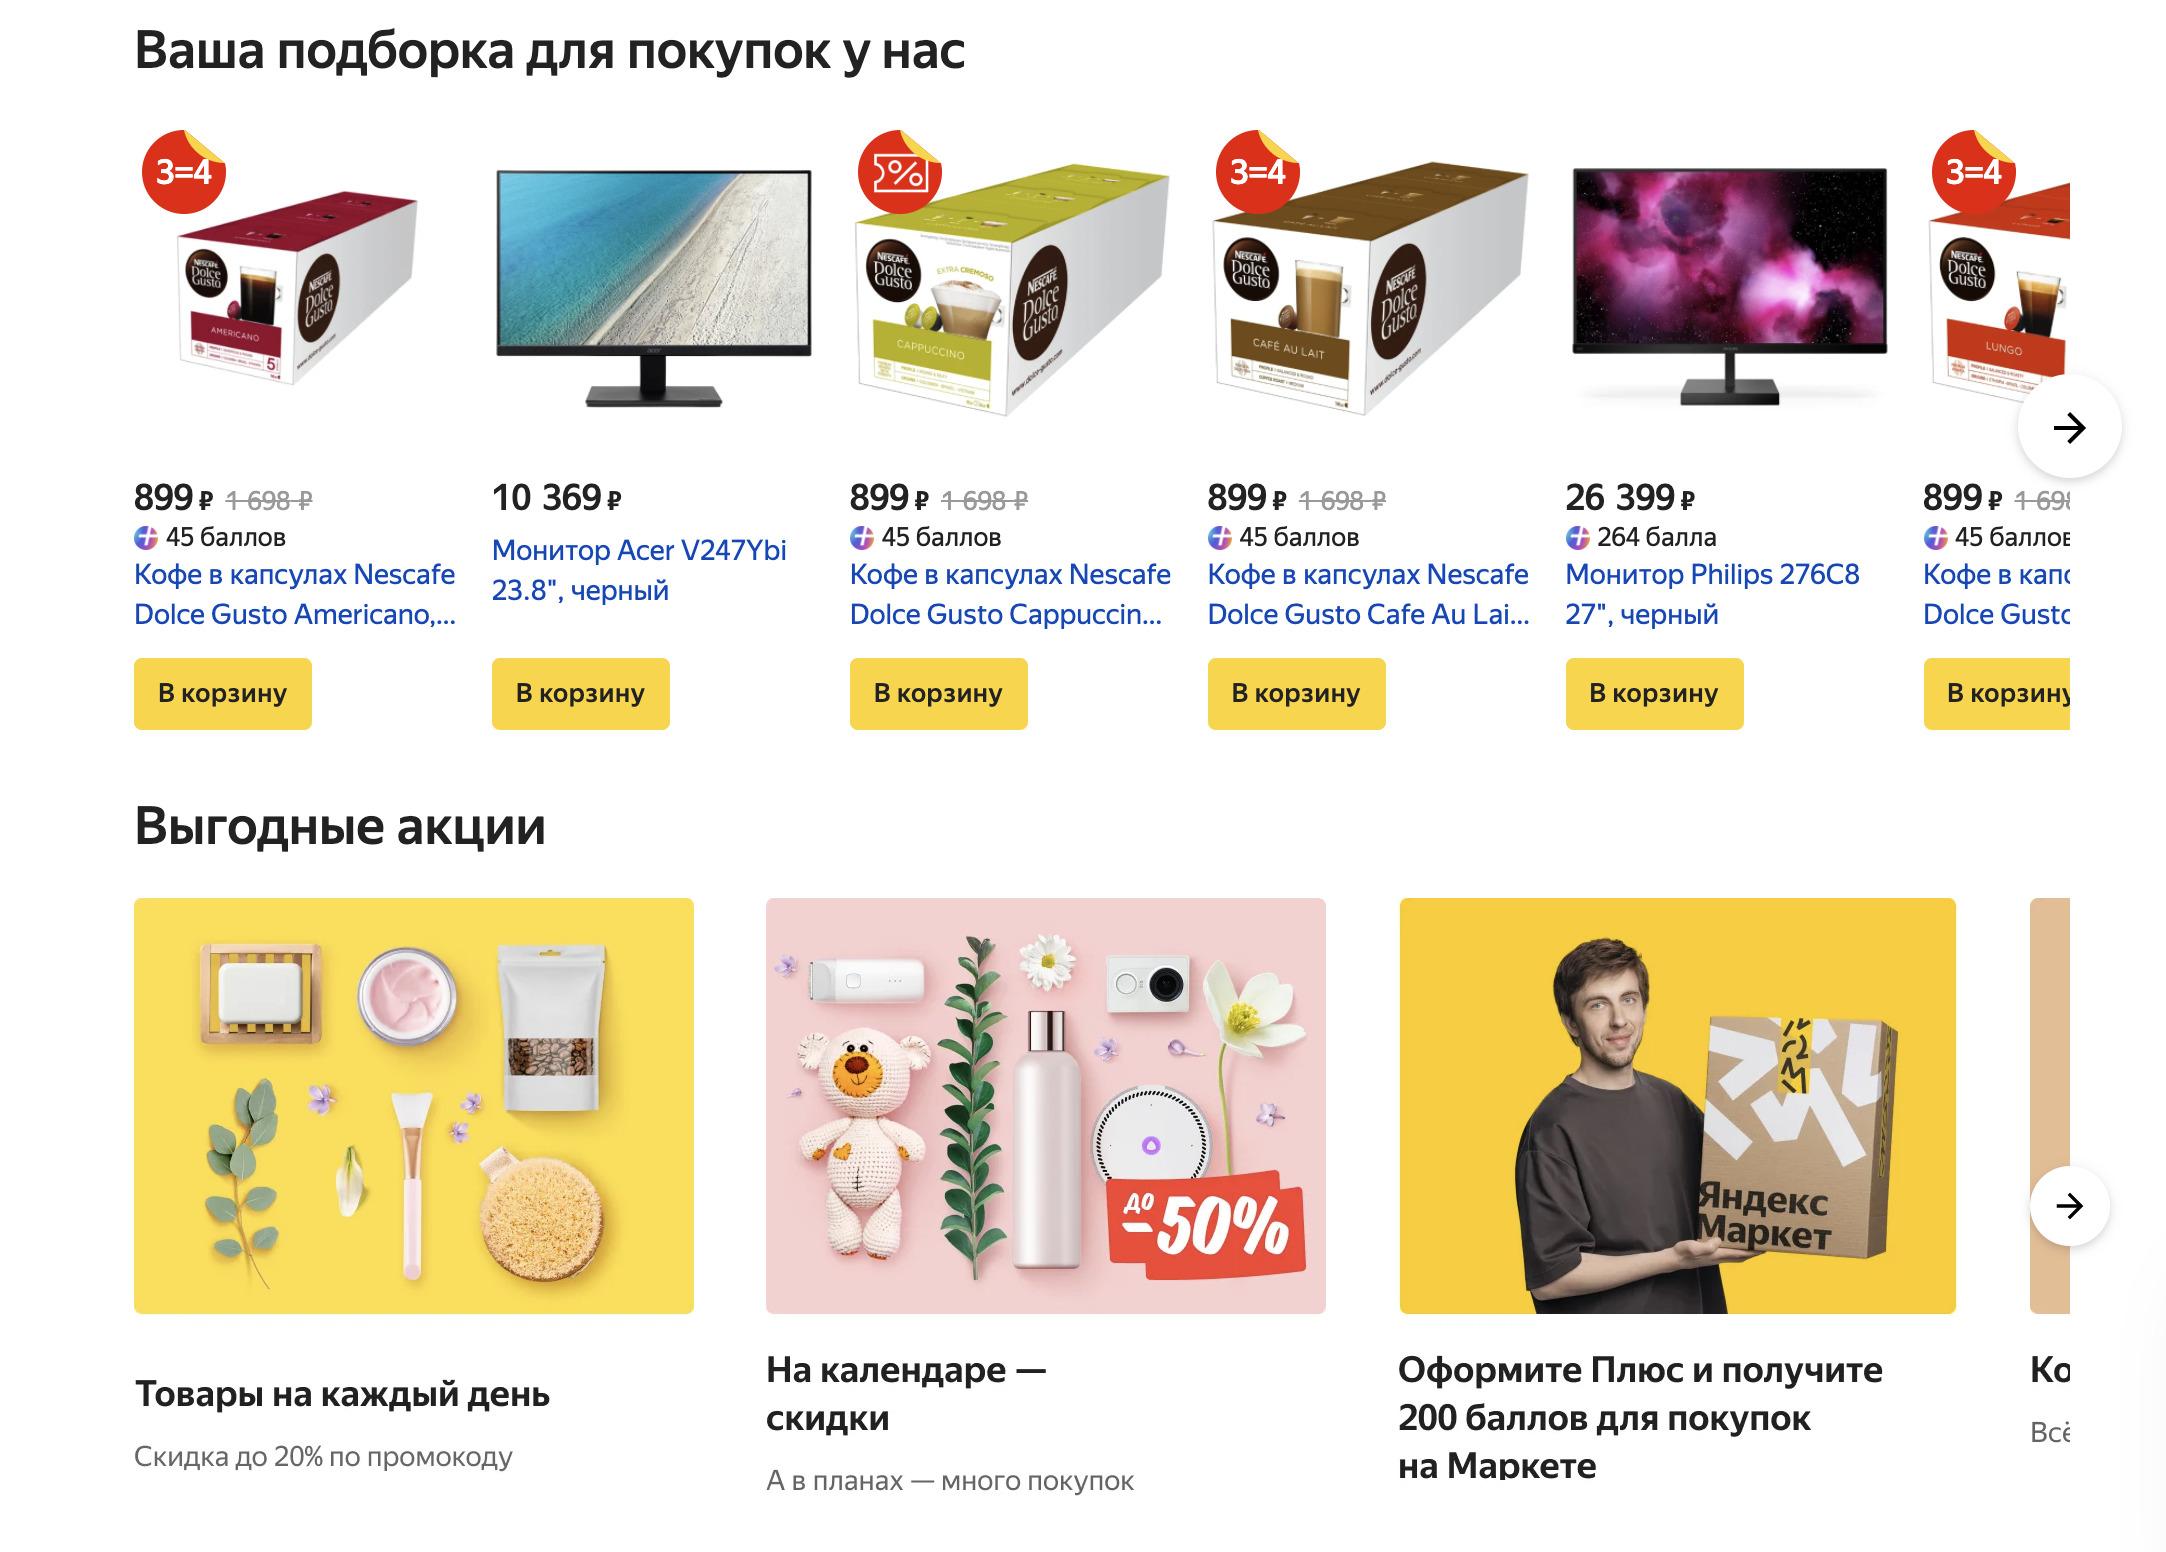 Доставка из Яндекс.Маркет в Биробиджан, сроки, пункты выдачи, каталог